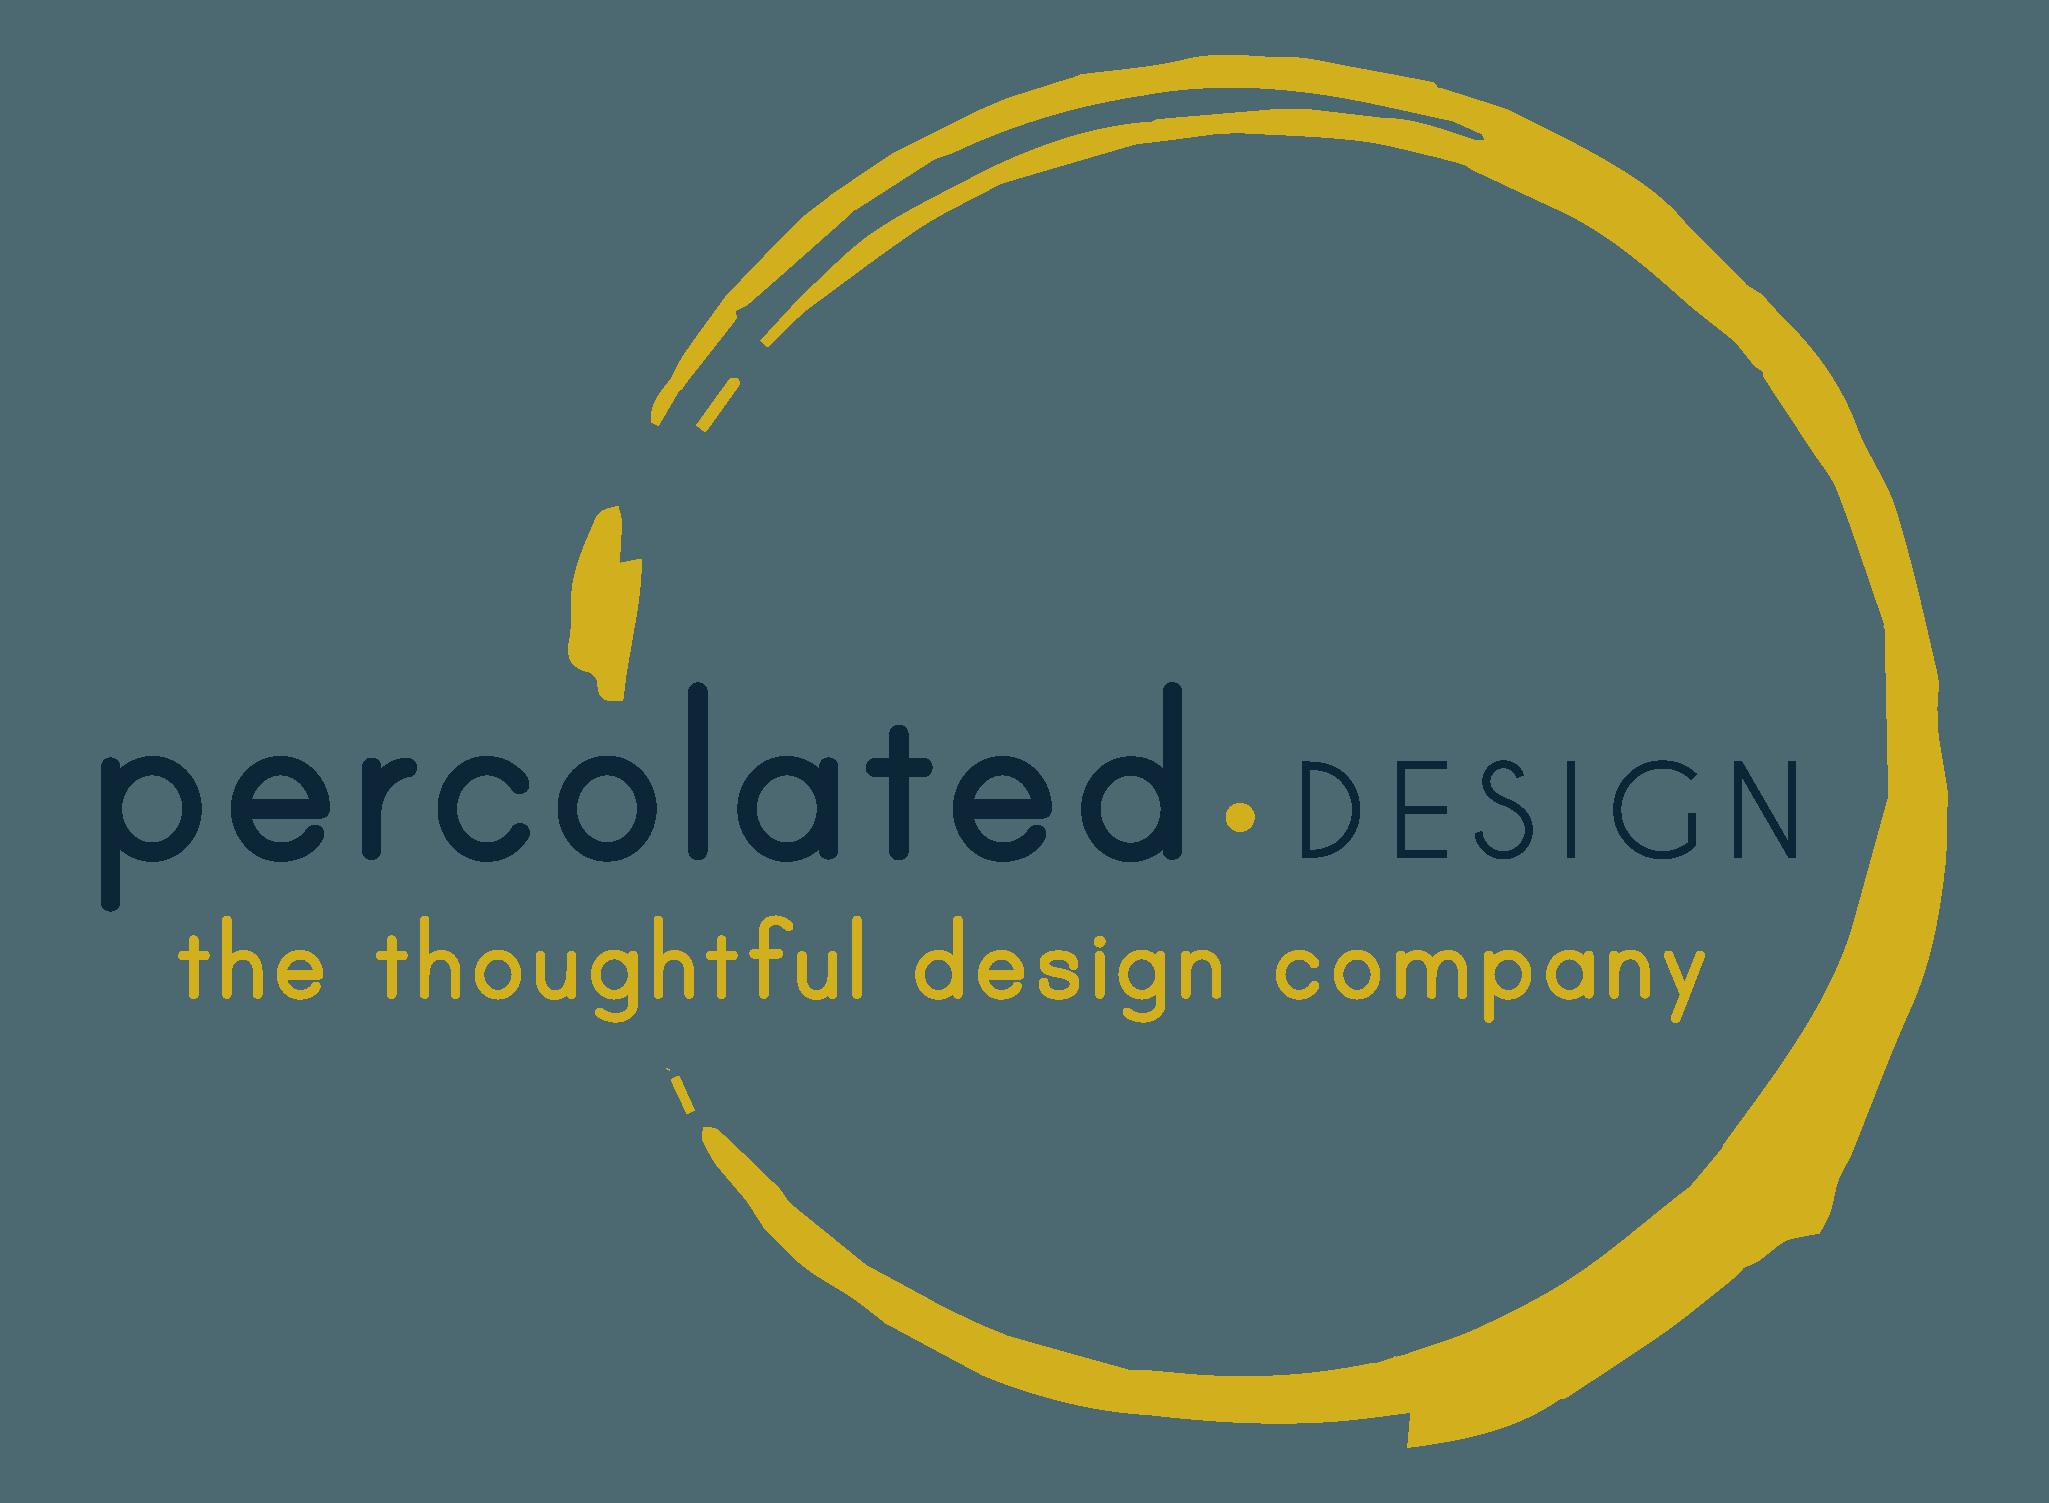 percolated.design